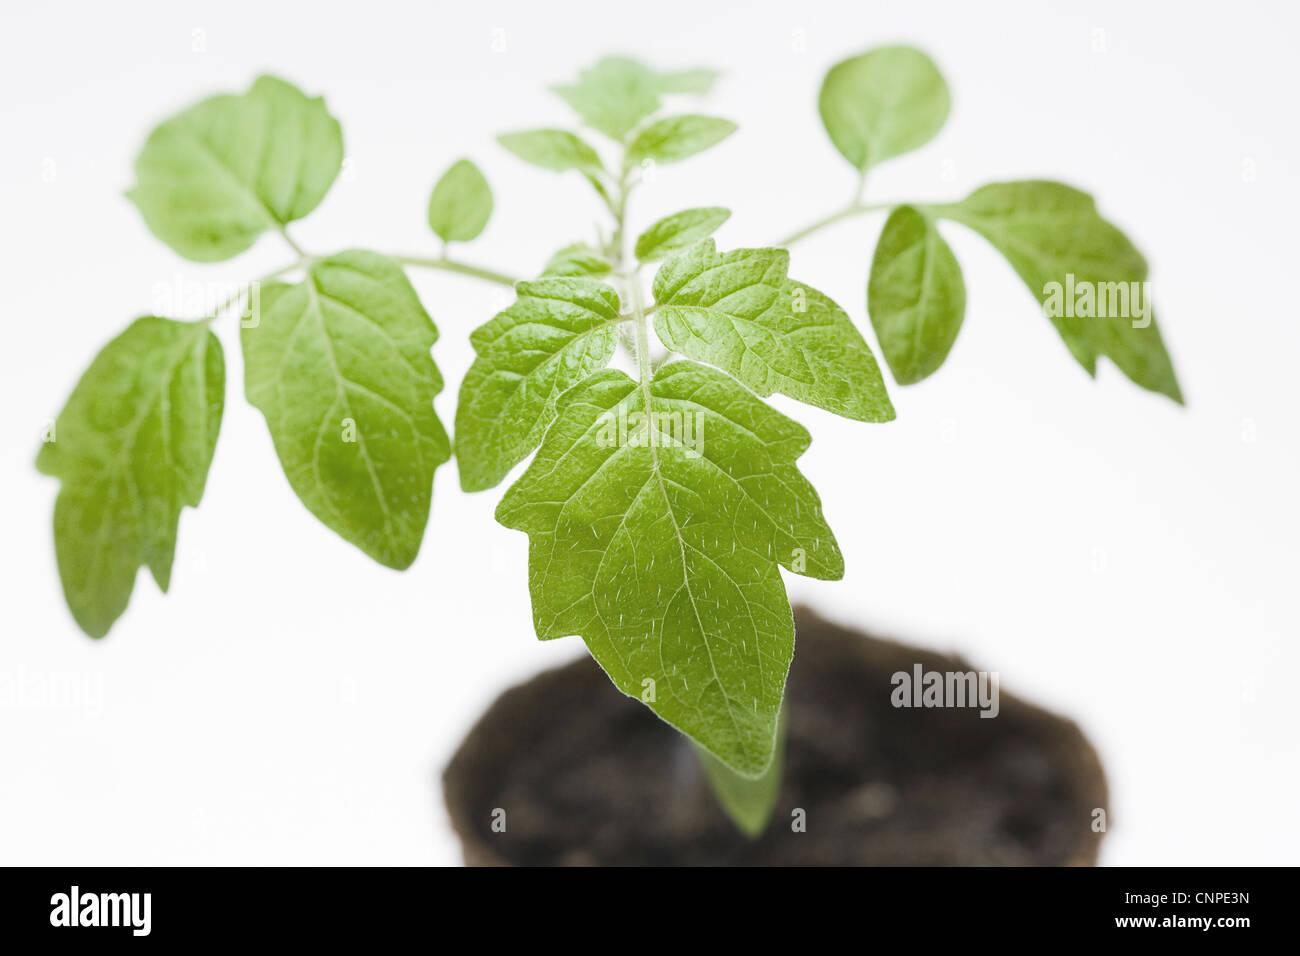 Lycopersicon esculentum. Le piante di pomodoro nelle prime fasi di crescita. Immagini Stock